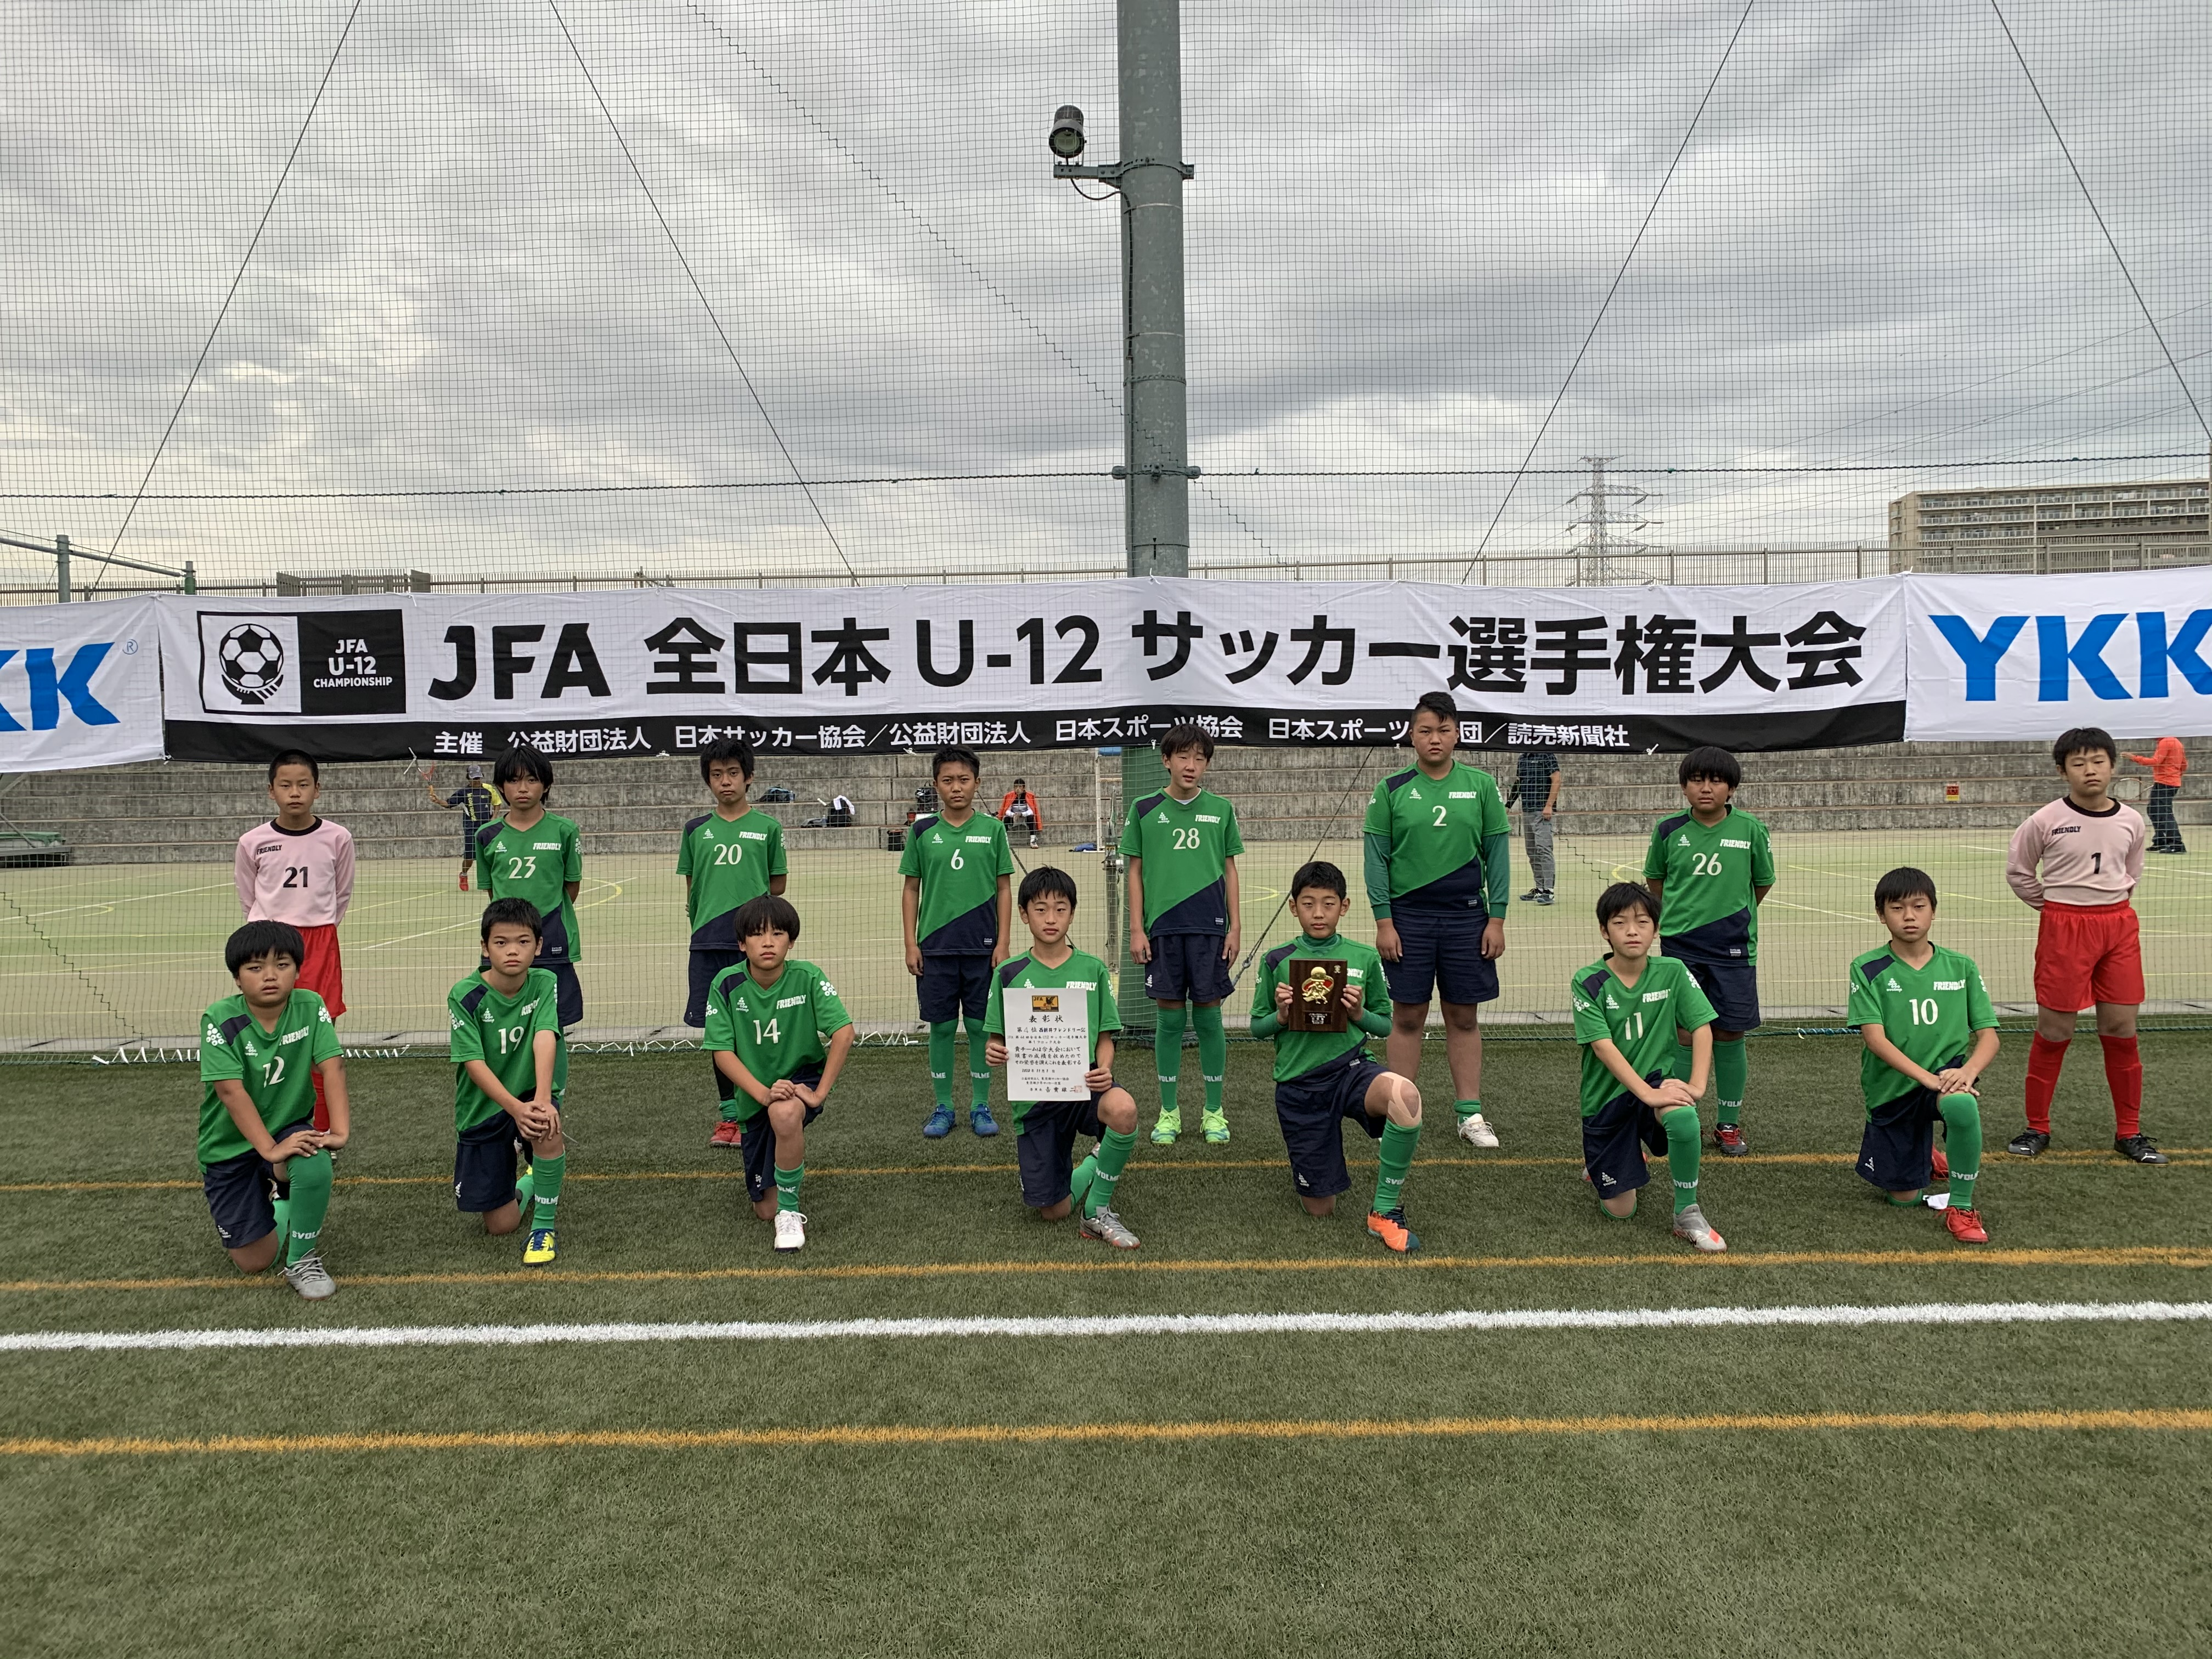 サッカー bbs アーカイブ 東京